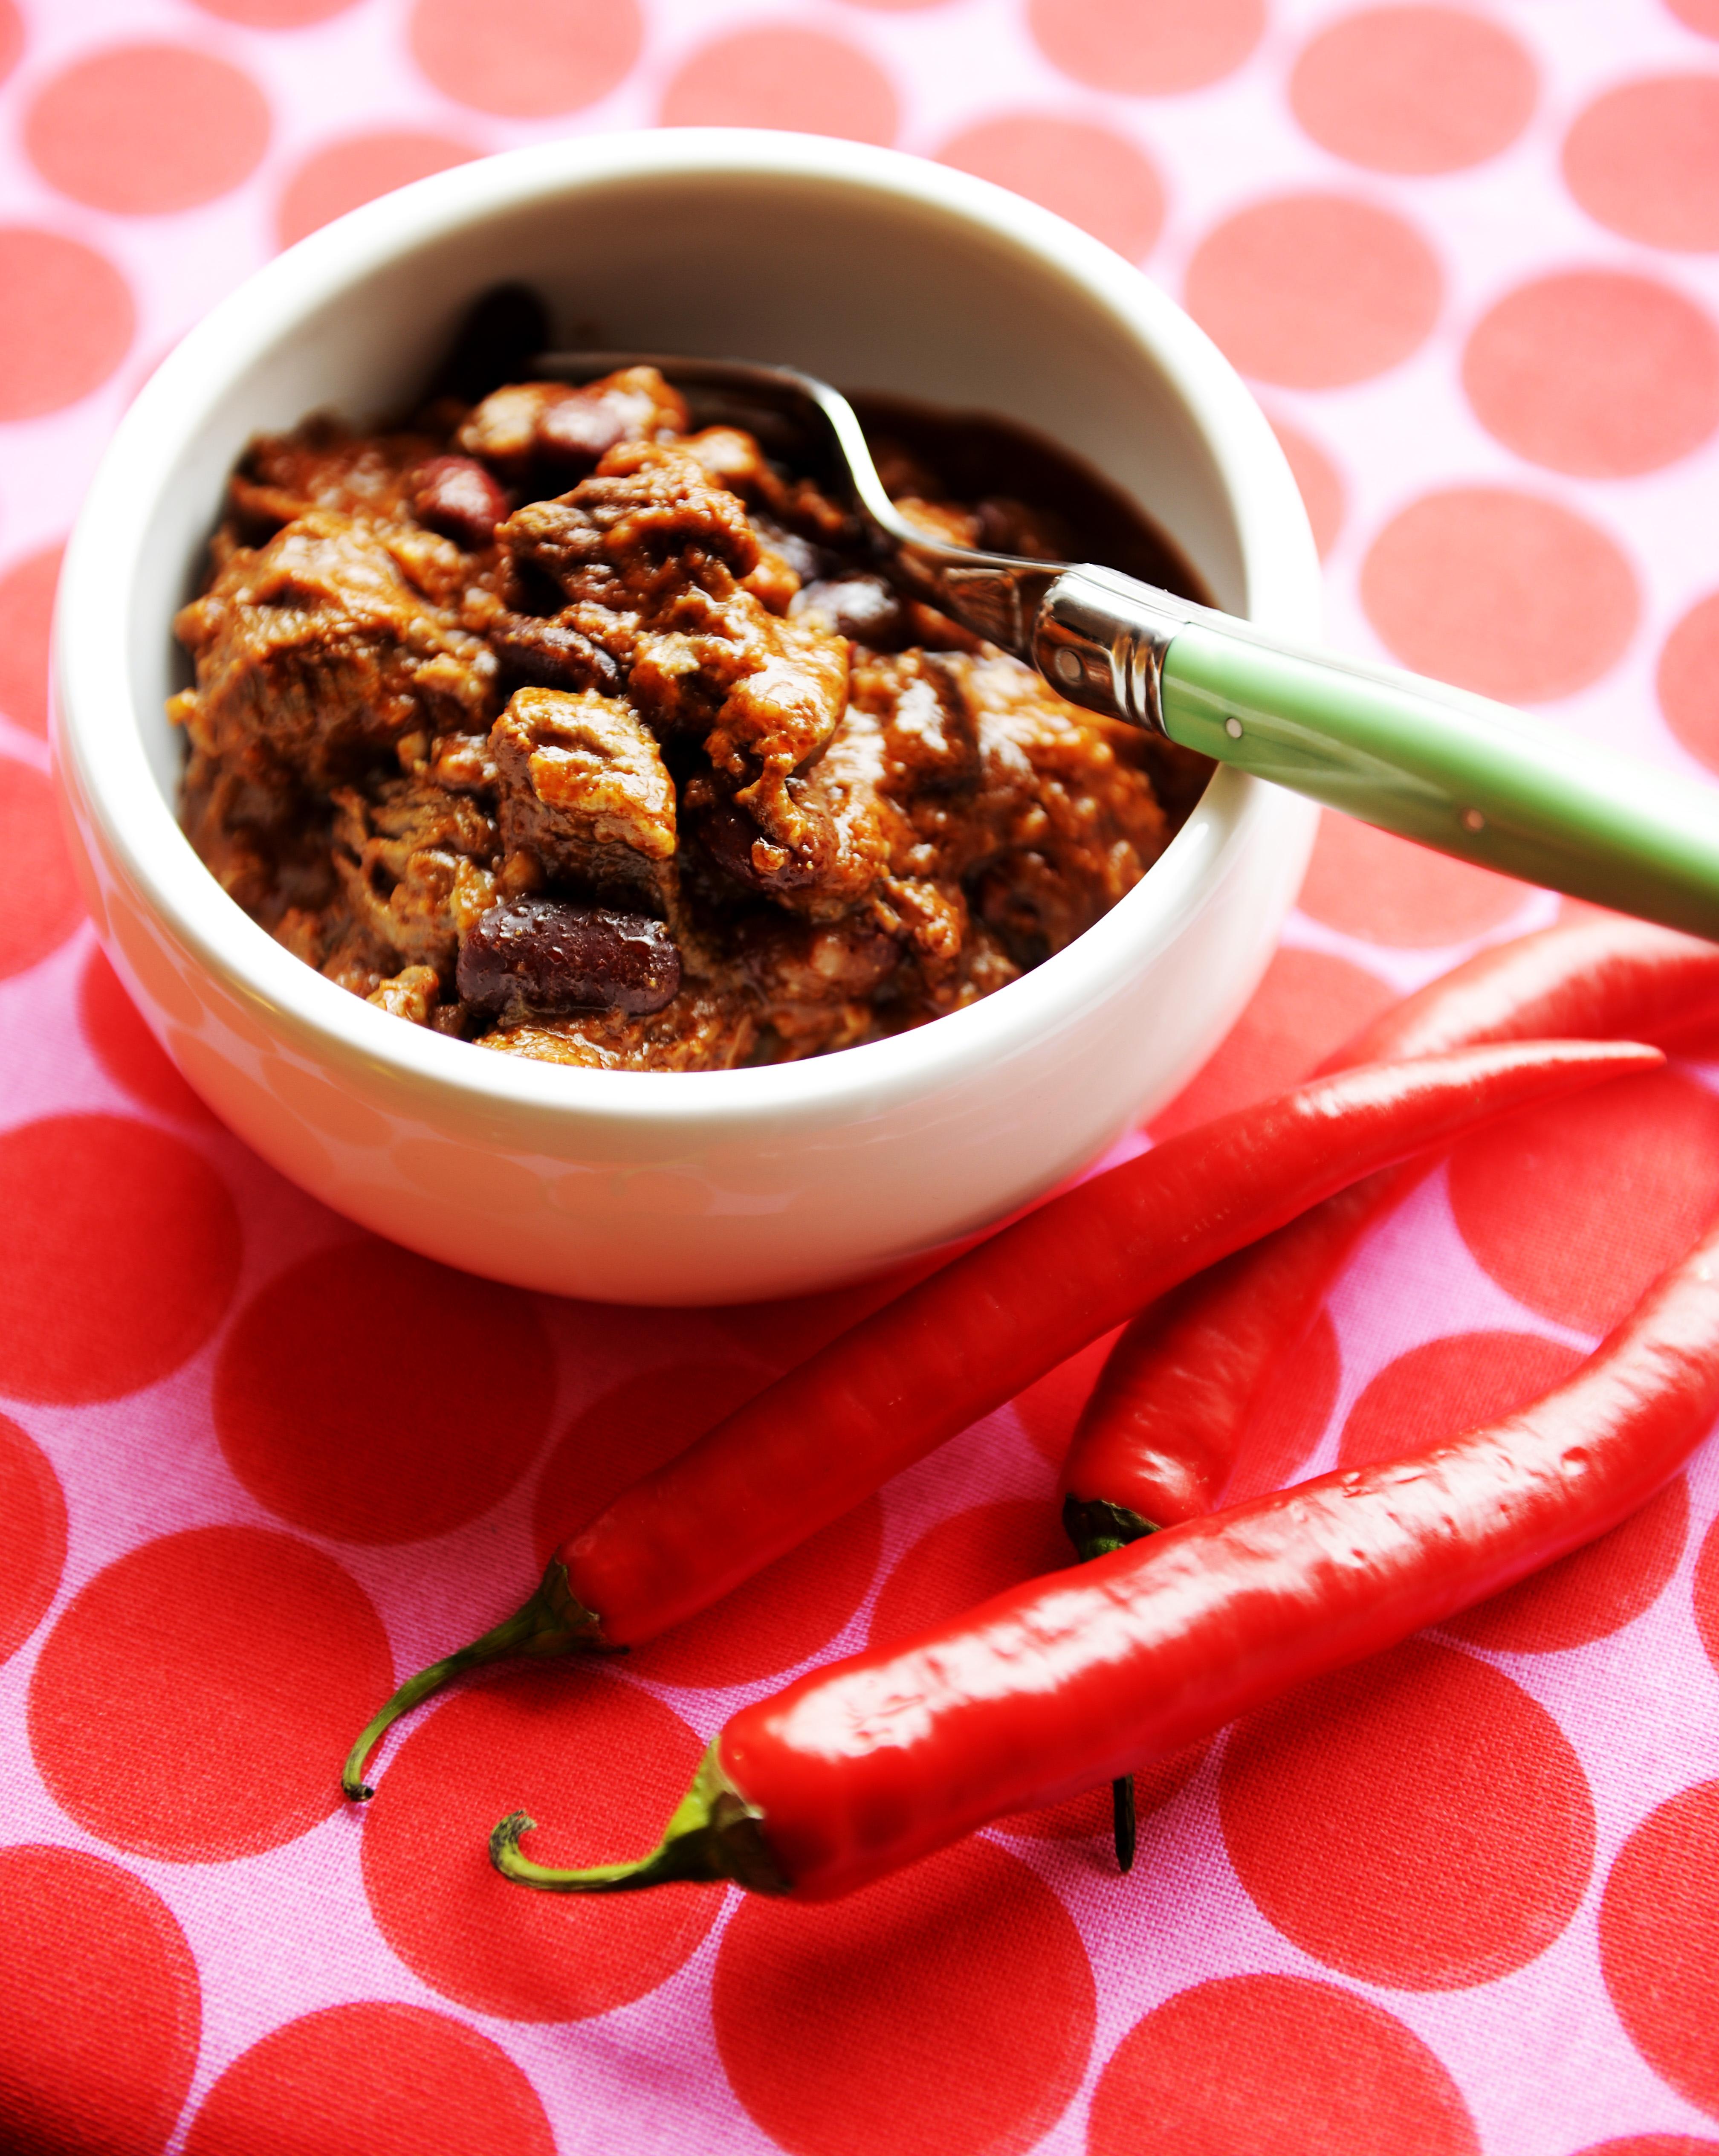 hot hot chili